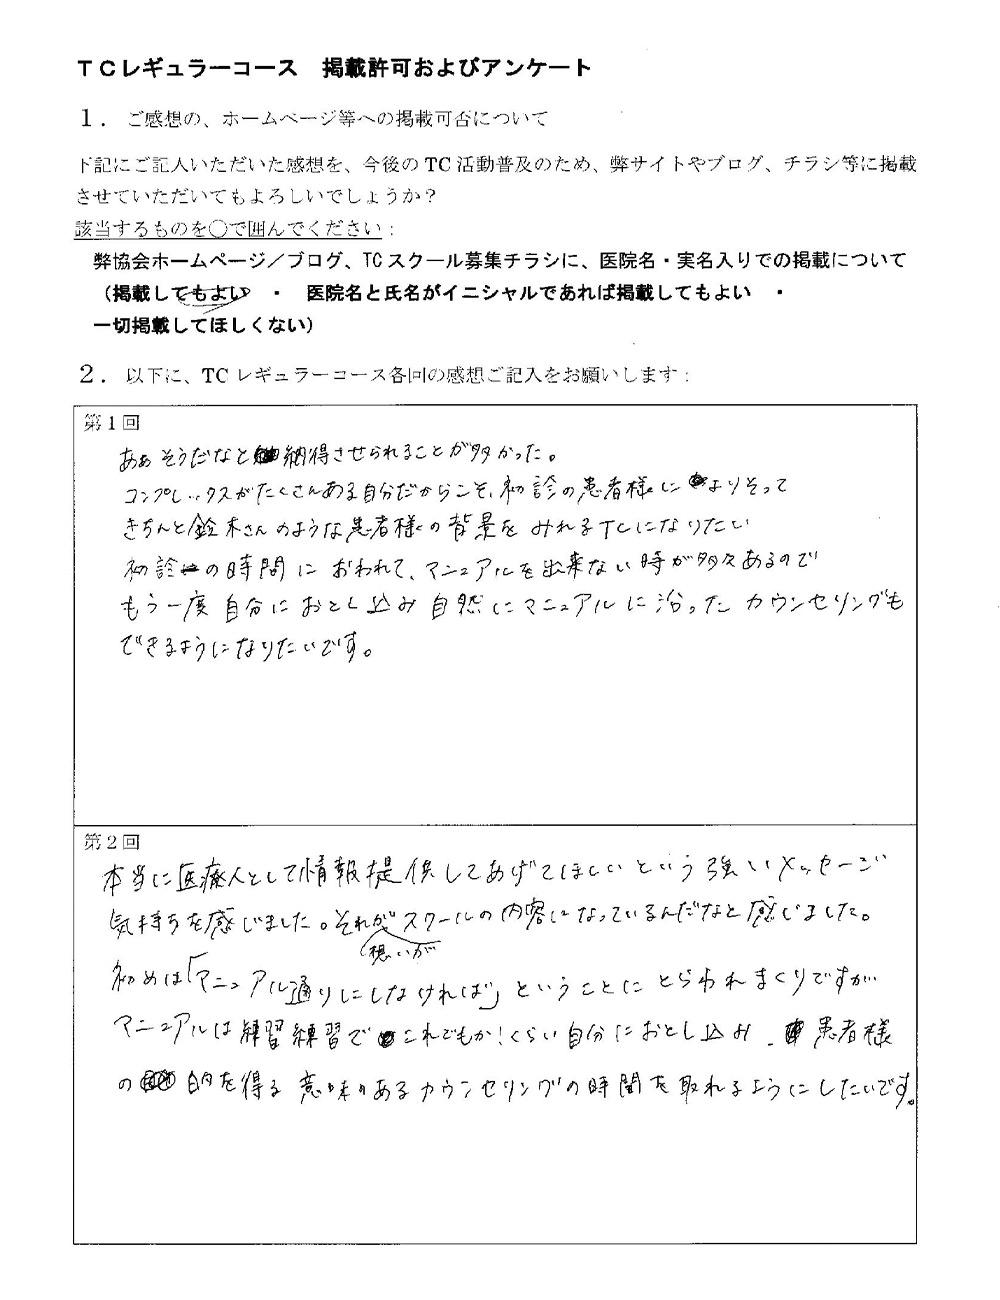 尾崎 麻利 様アンケート